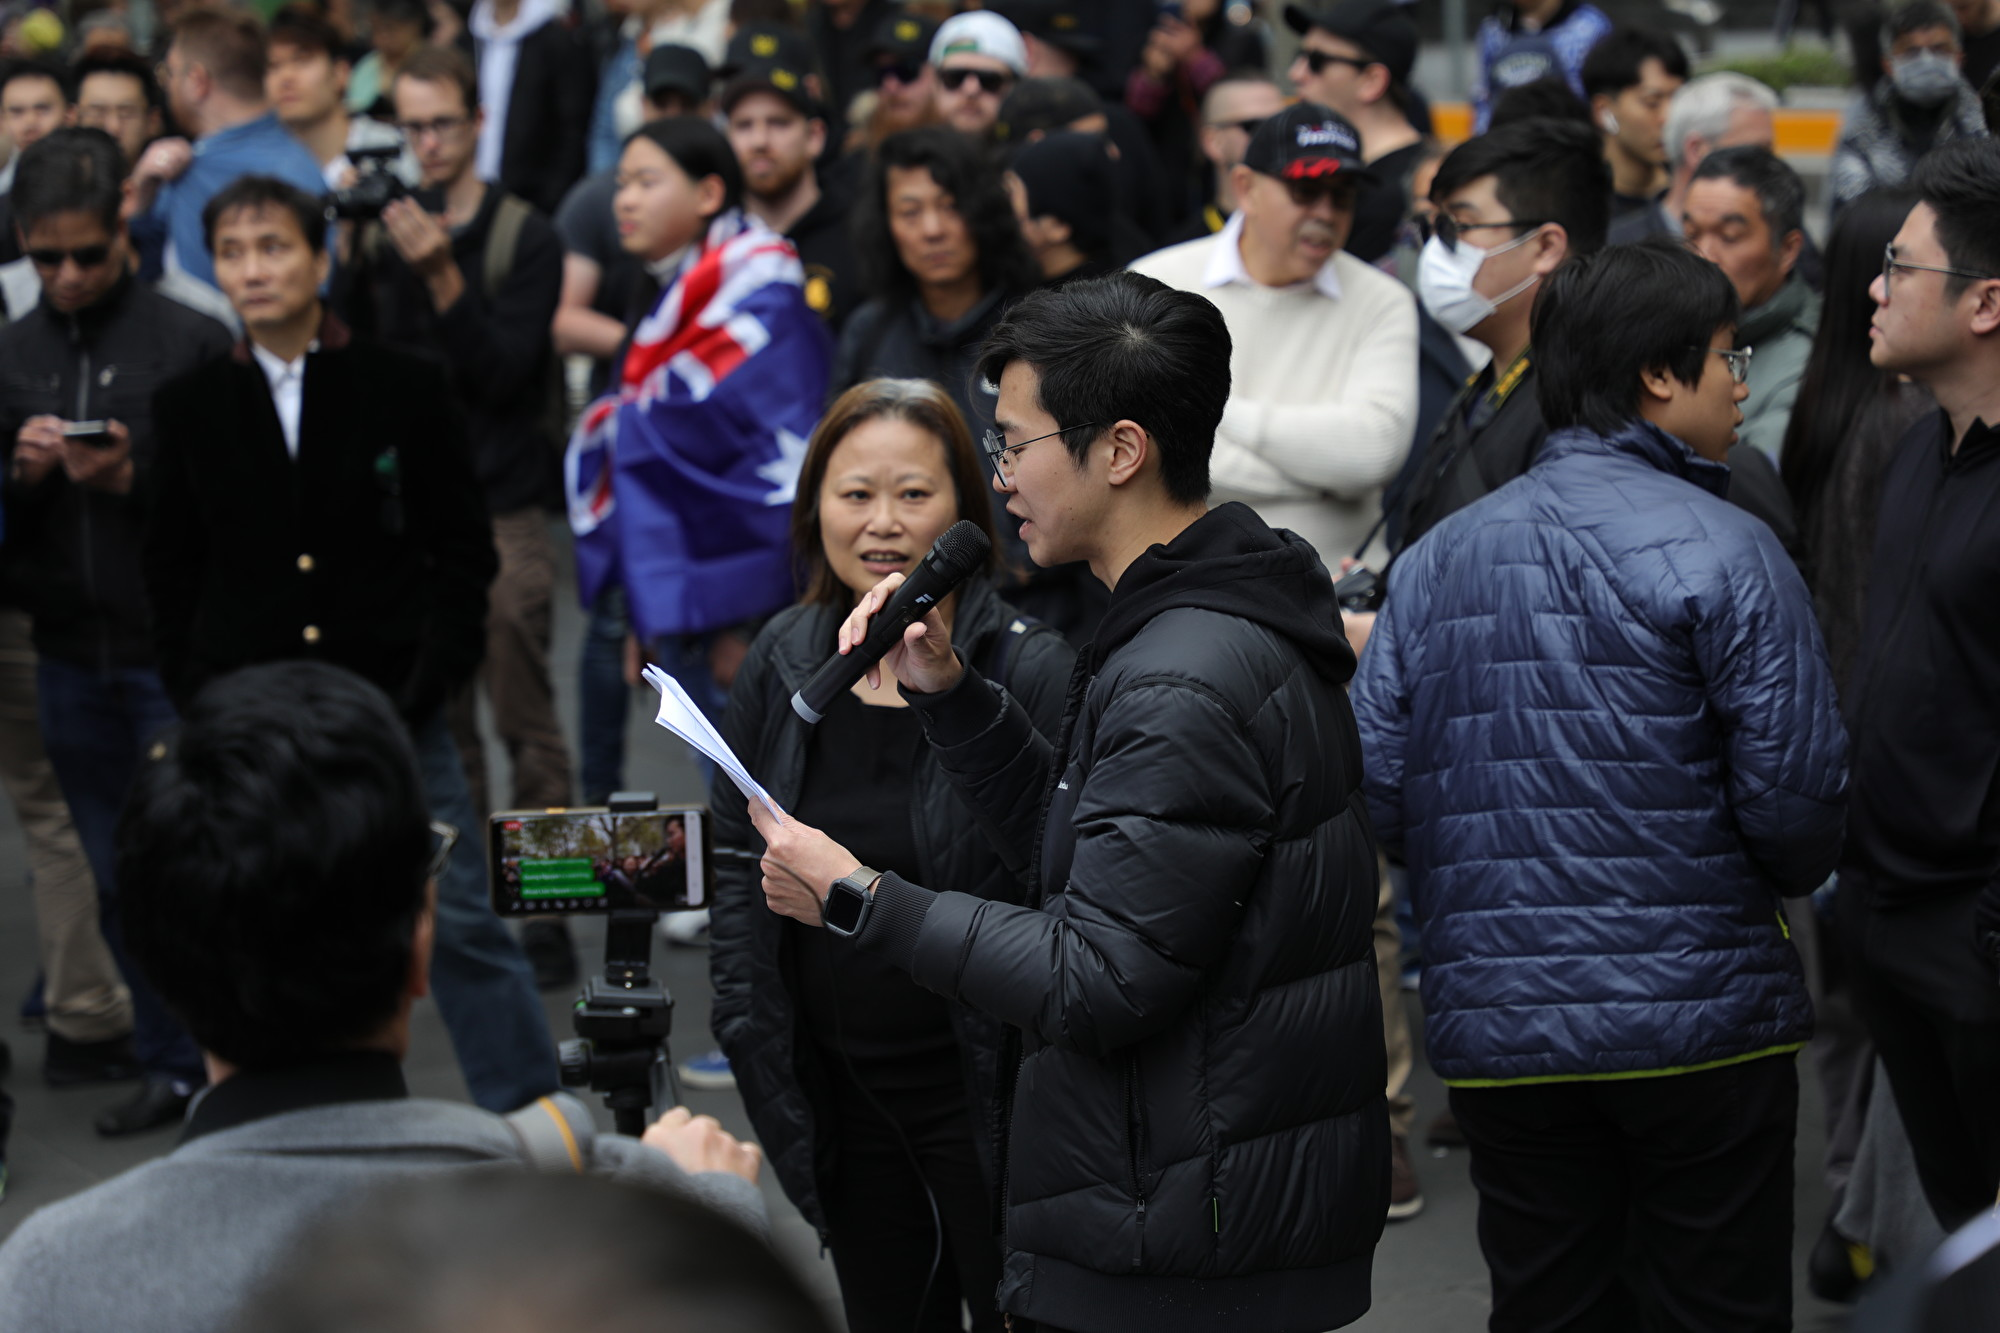 2019年9月29日,澳洲墨爾本澳港聯在市中心州立圖書館(State Library)前舉行反極權集會,主辦方發表講話。(Grace Yu/大紀元)